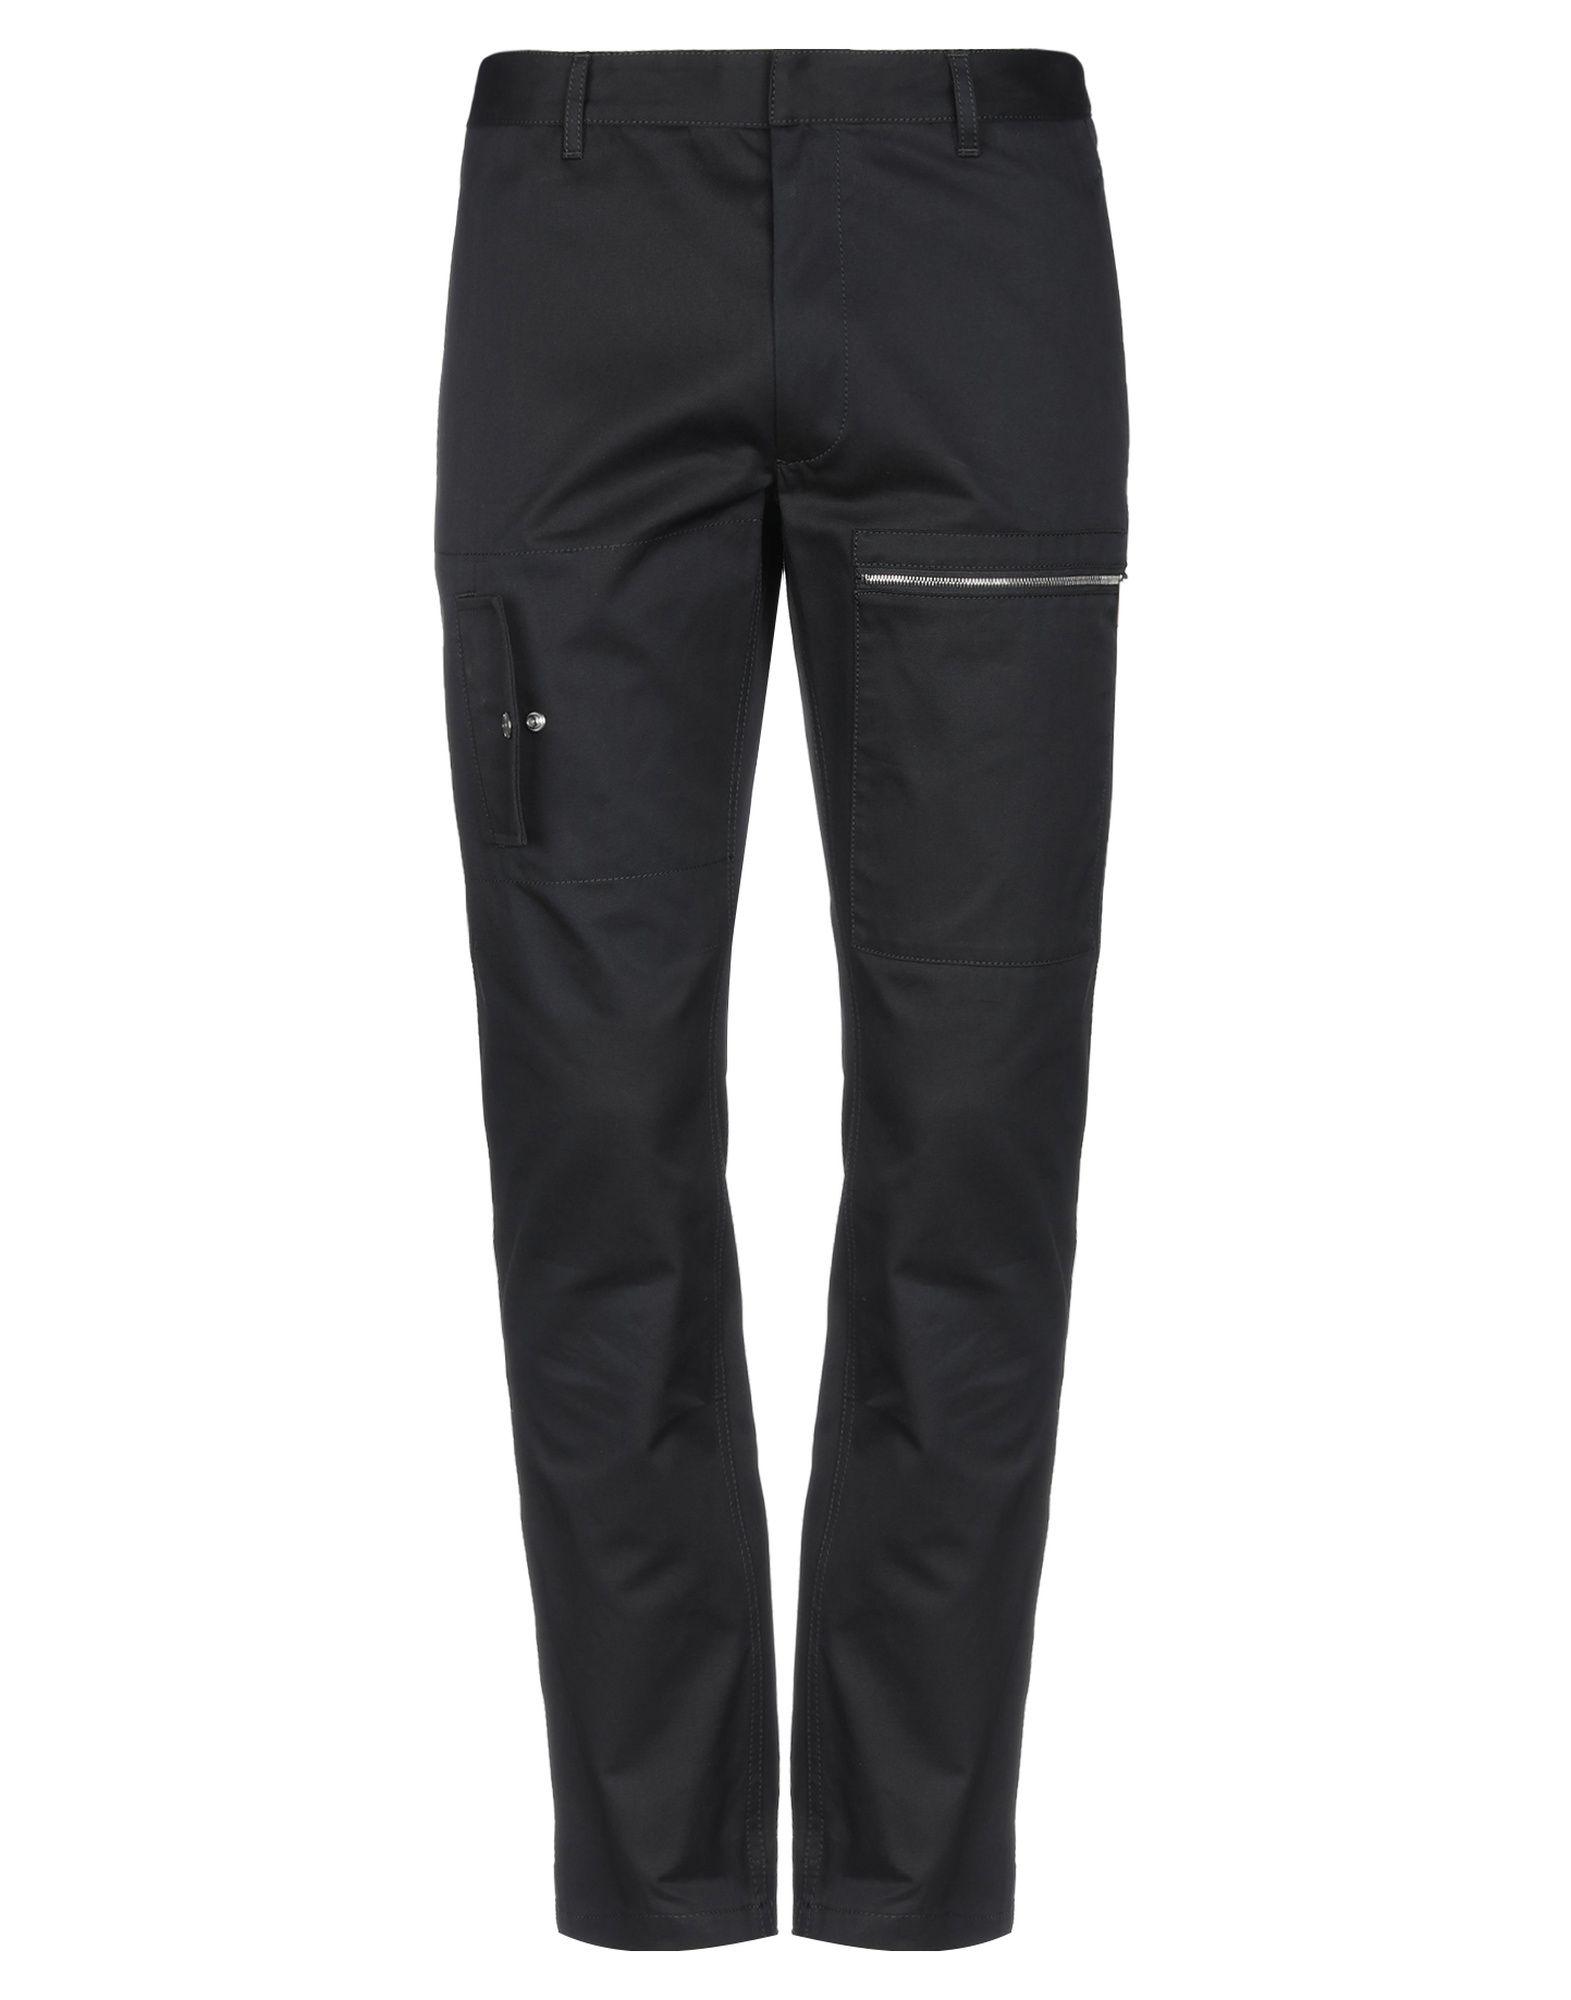 Pantalone Valentino herren - 13346173RP